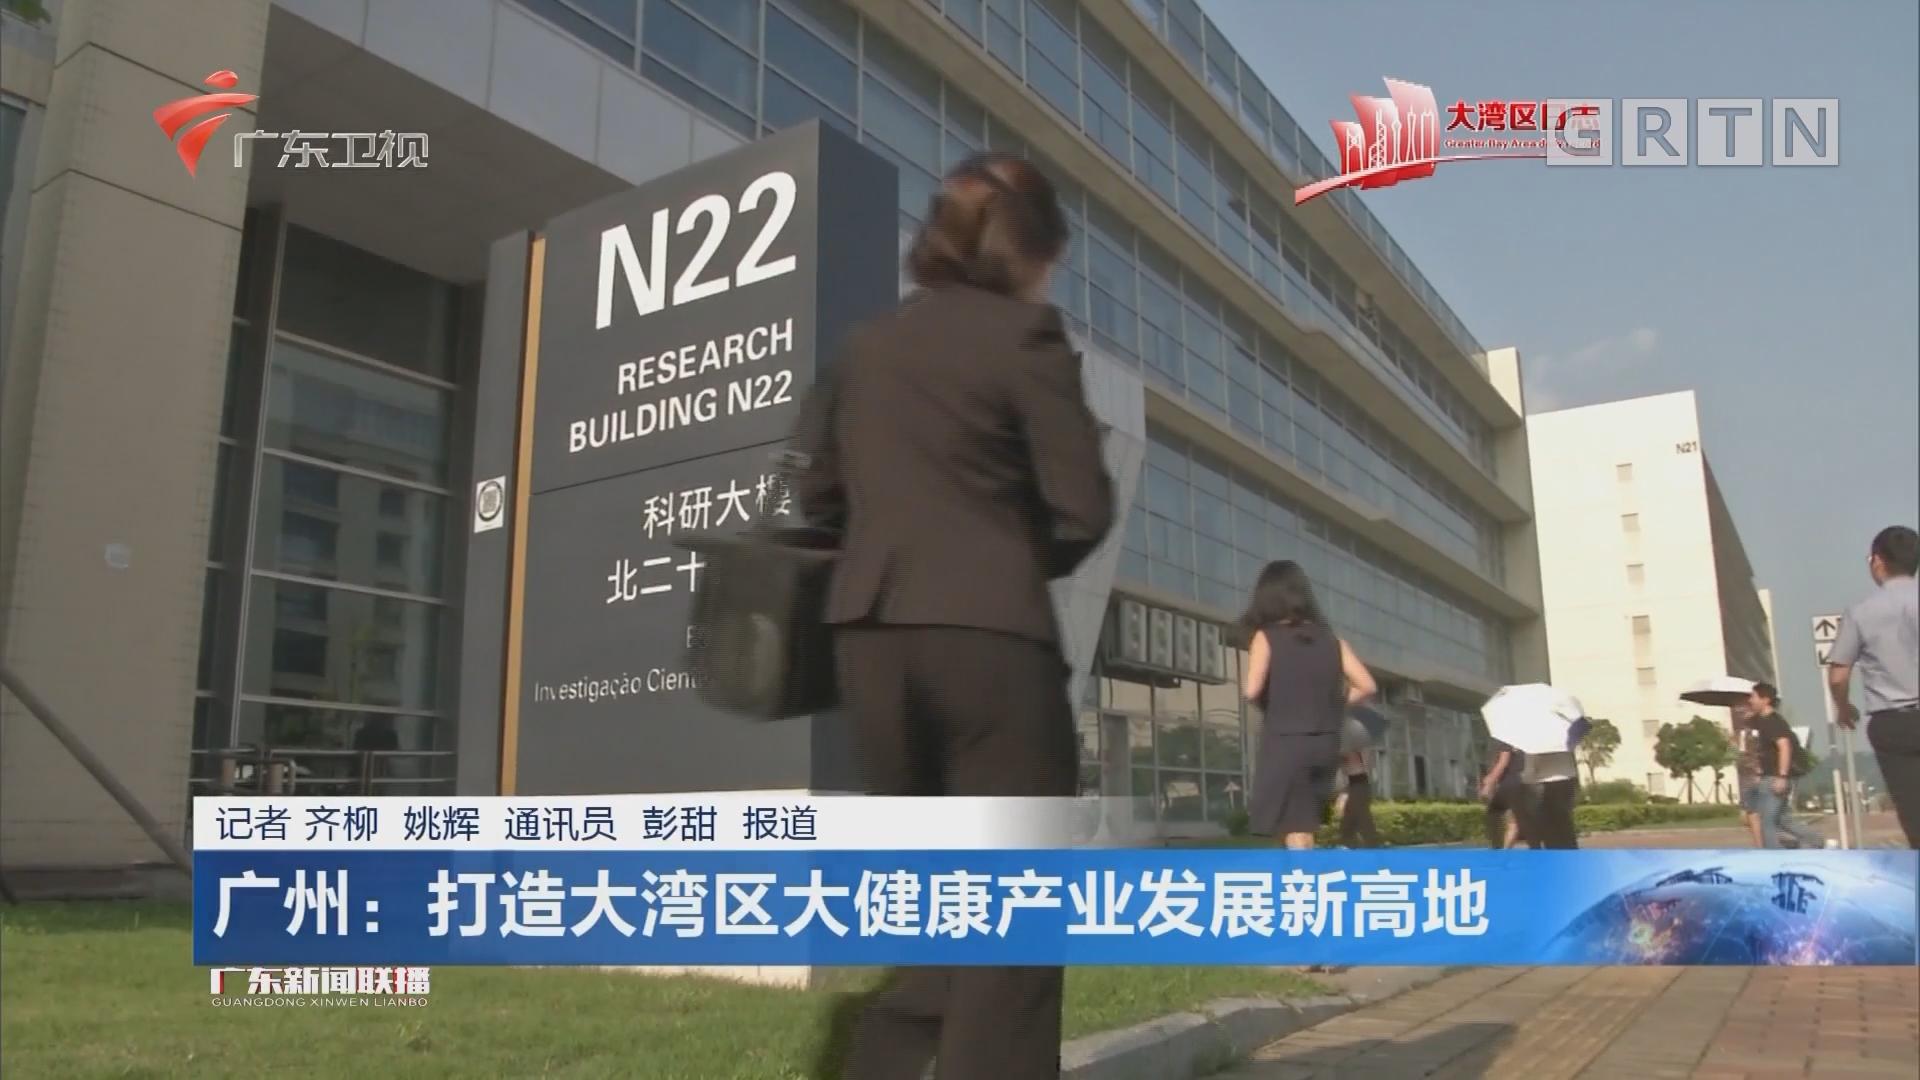 广州:打造大湾区大健康产业发展新高地